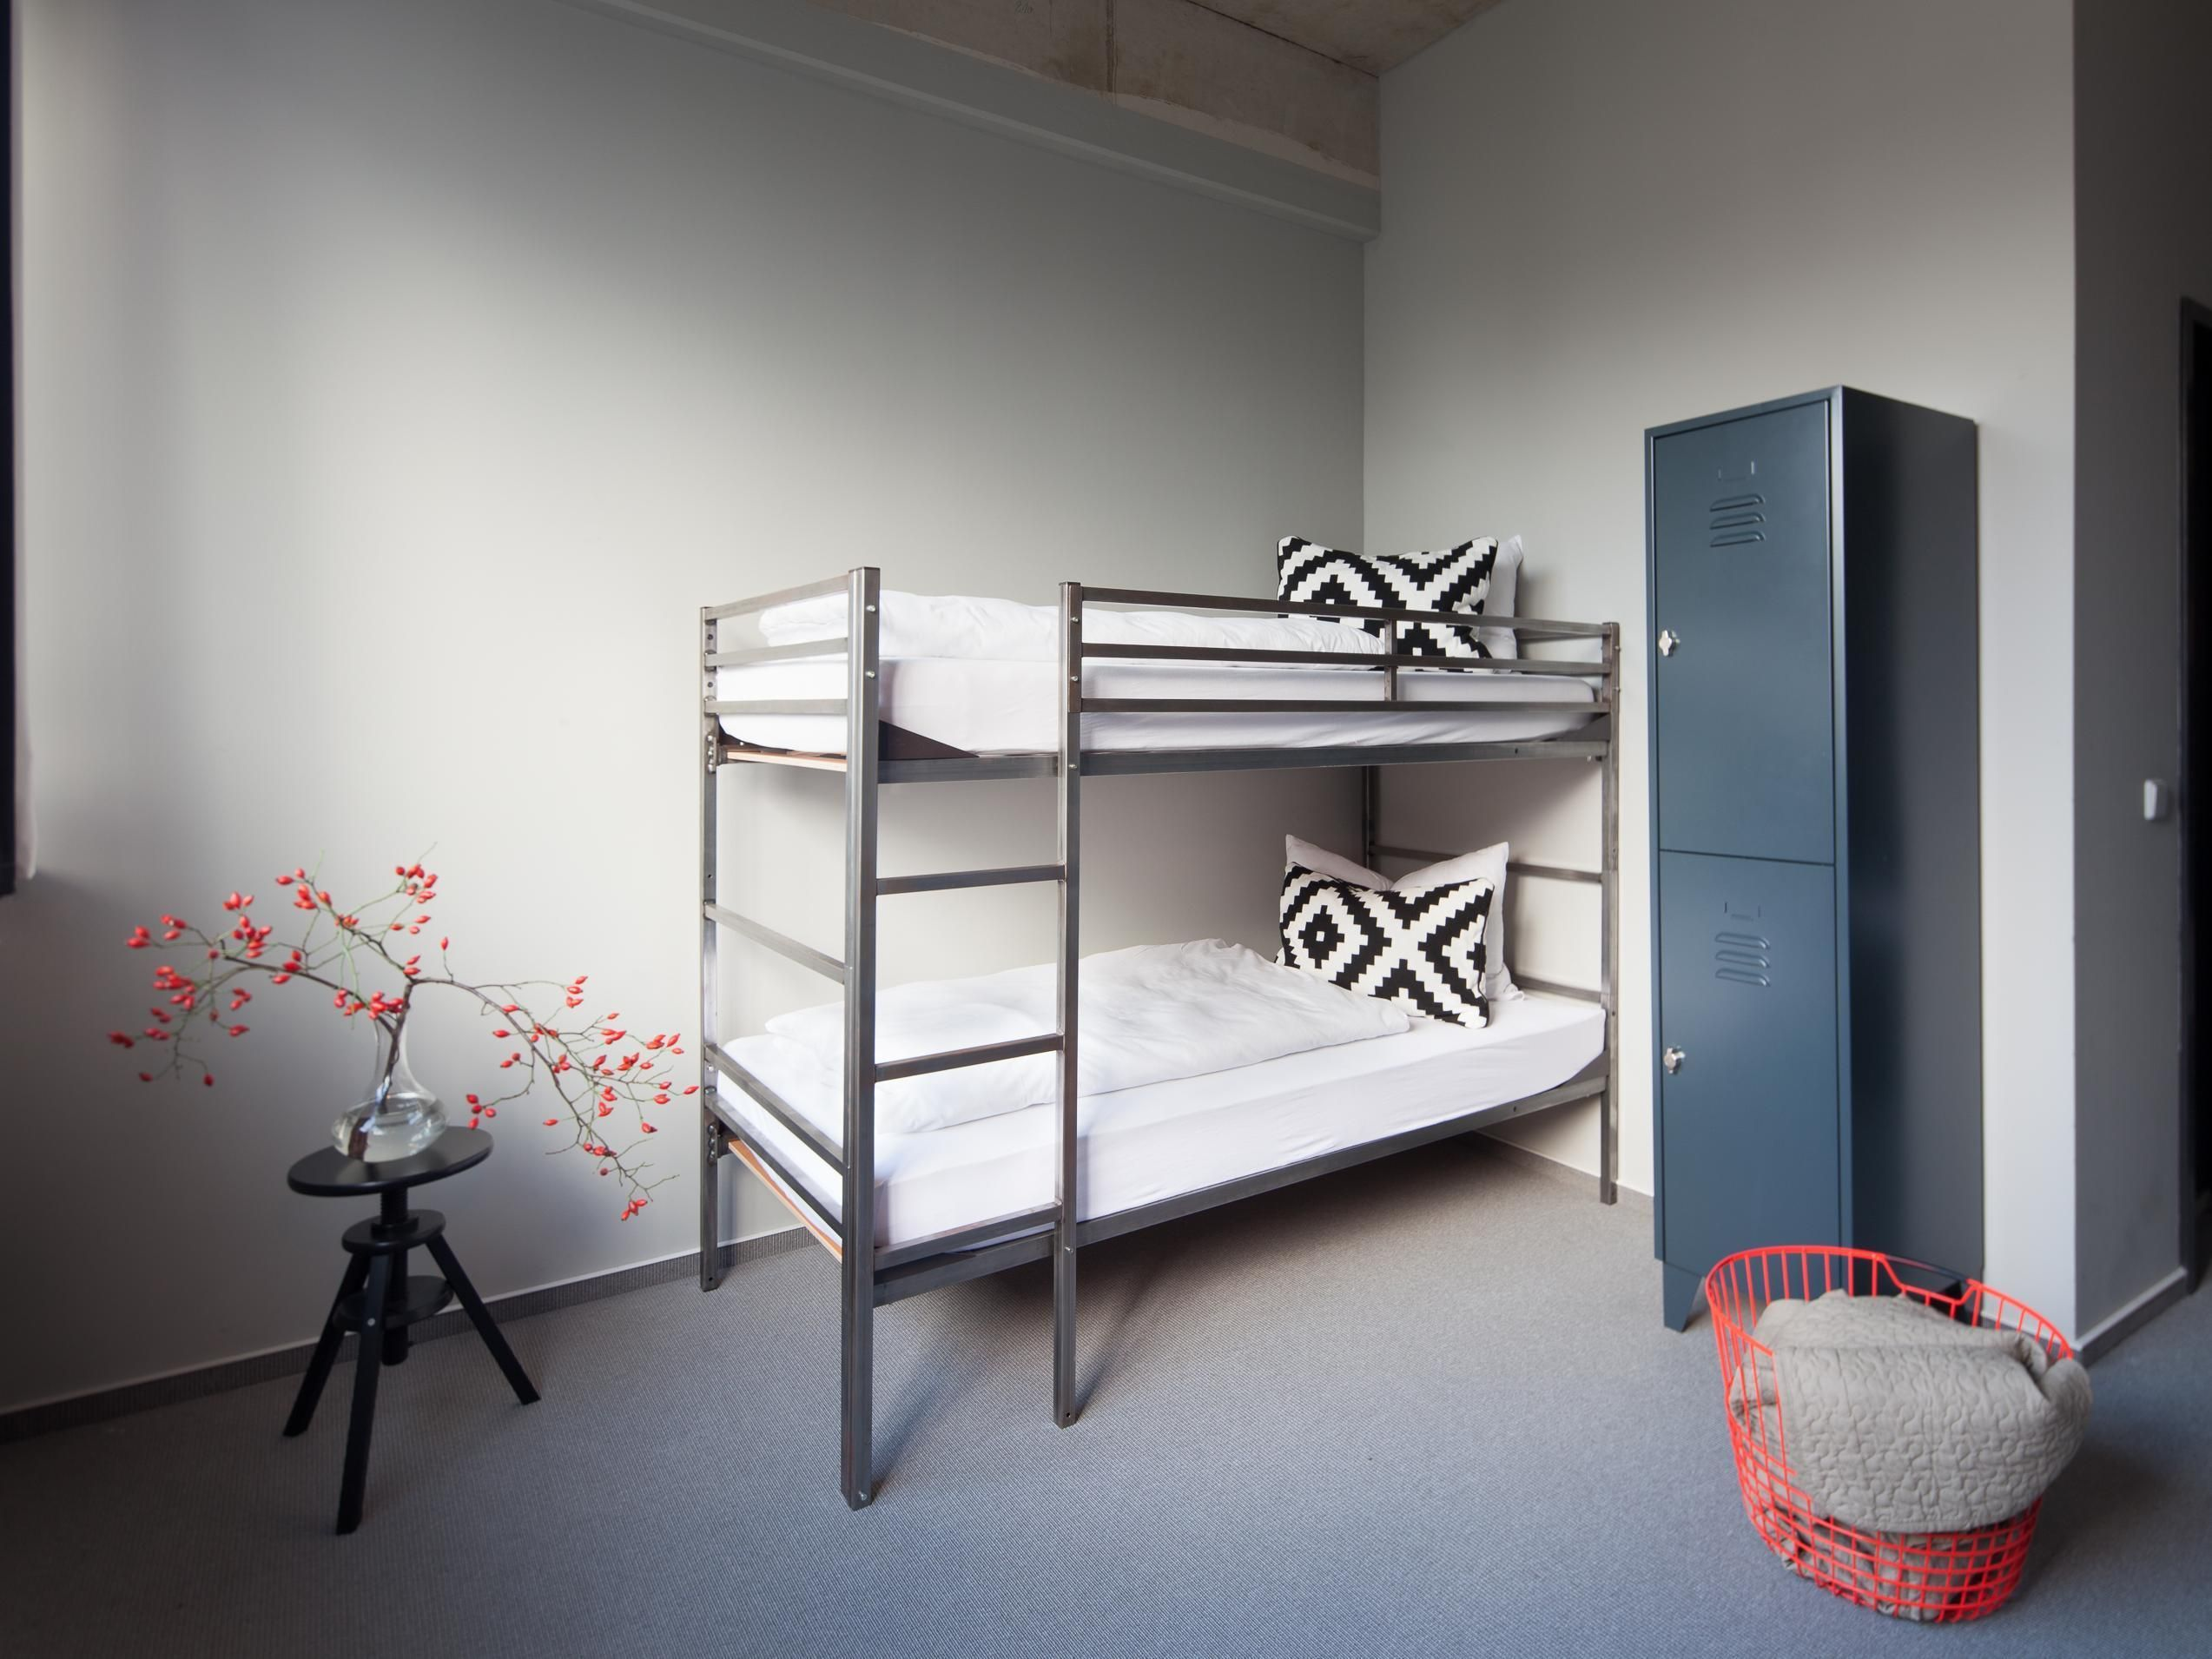 Wallyard Concept Hostel Berlin Berlin Germany Europe Pinterest